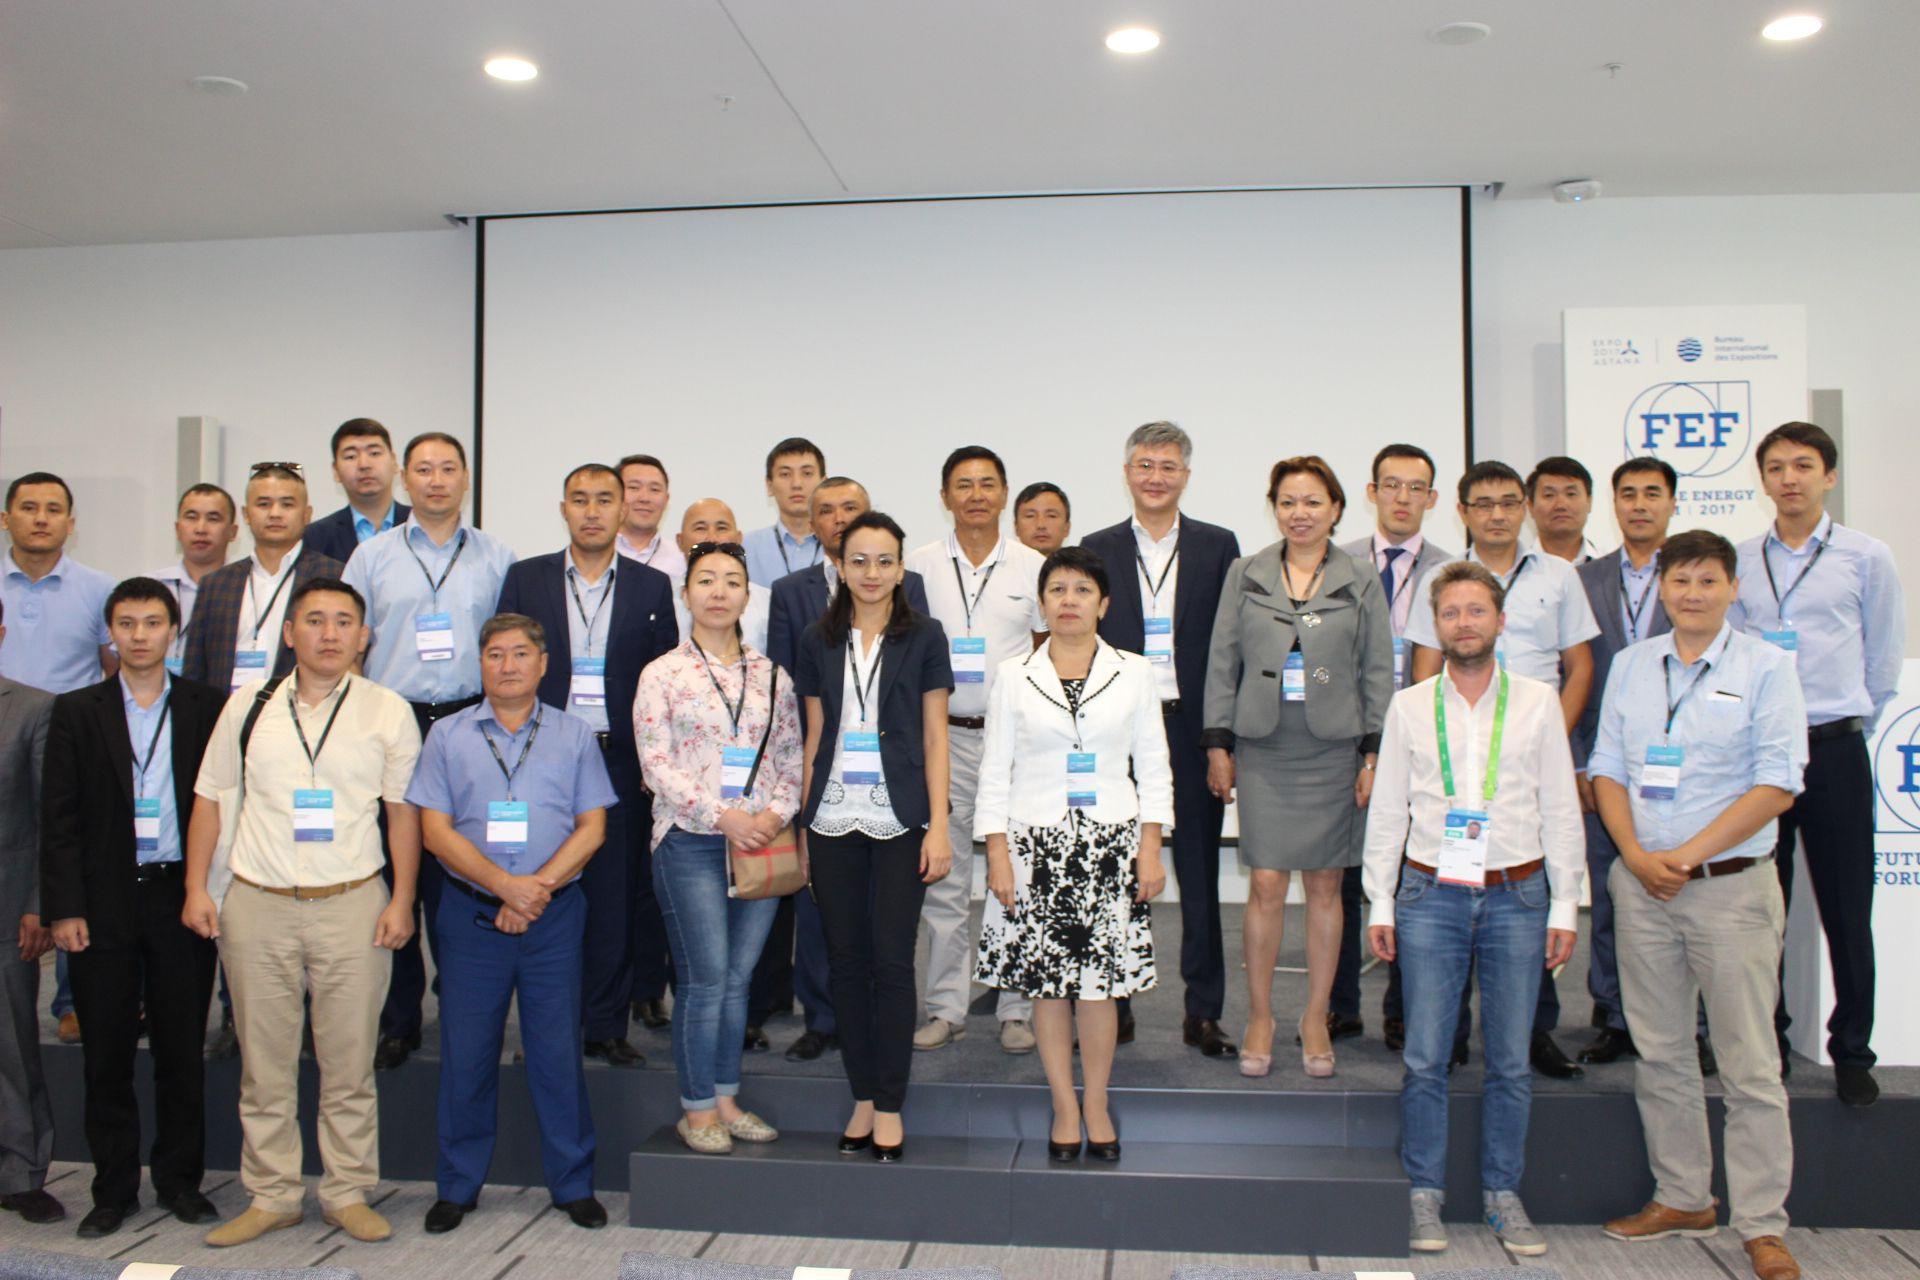 МАНИФЕСТ ЭКСПО-2017  принят на заключительной конференции Форума «Энергия Будущего»